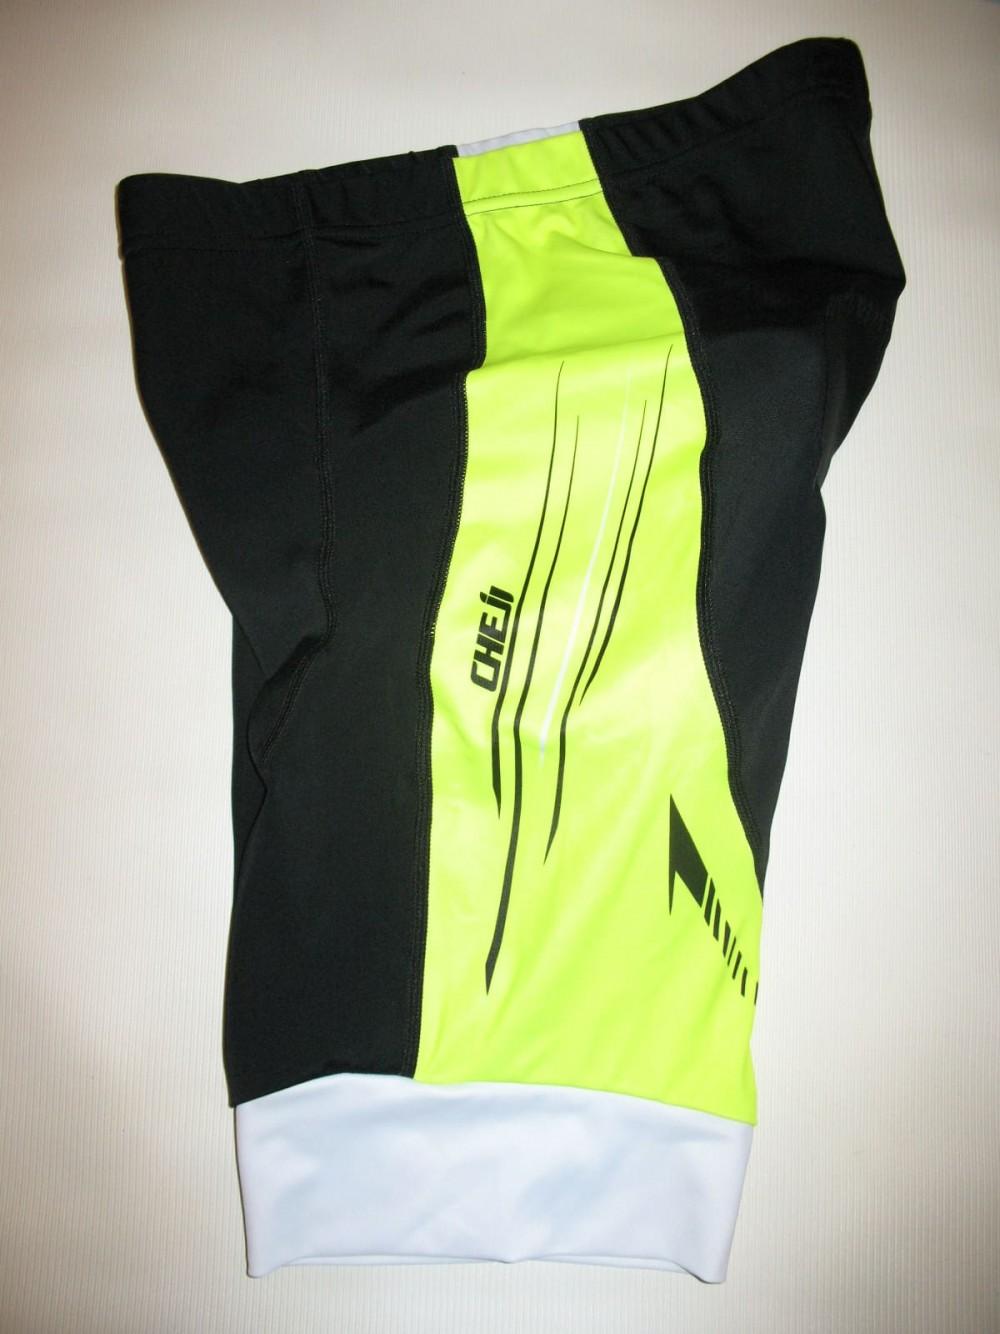 Велокомплект CHEJI violence hornet jersey+shorts (размер L(реально М(на +-180 см))) - 8